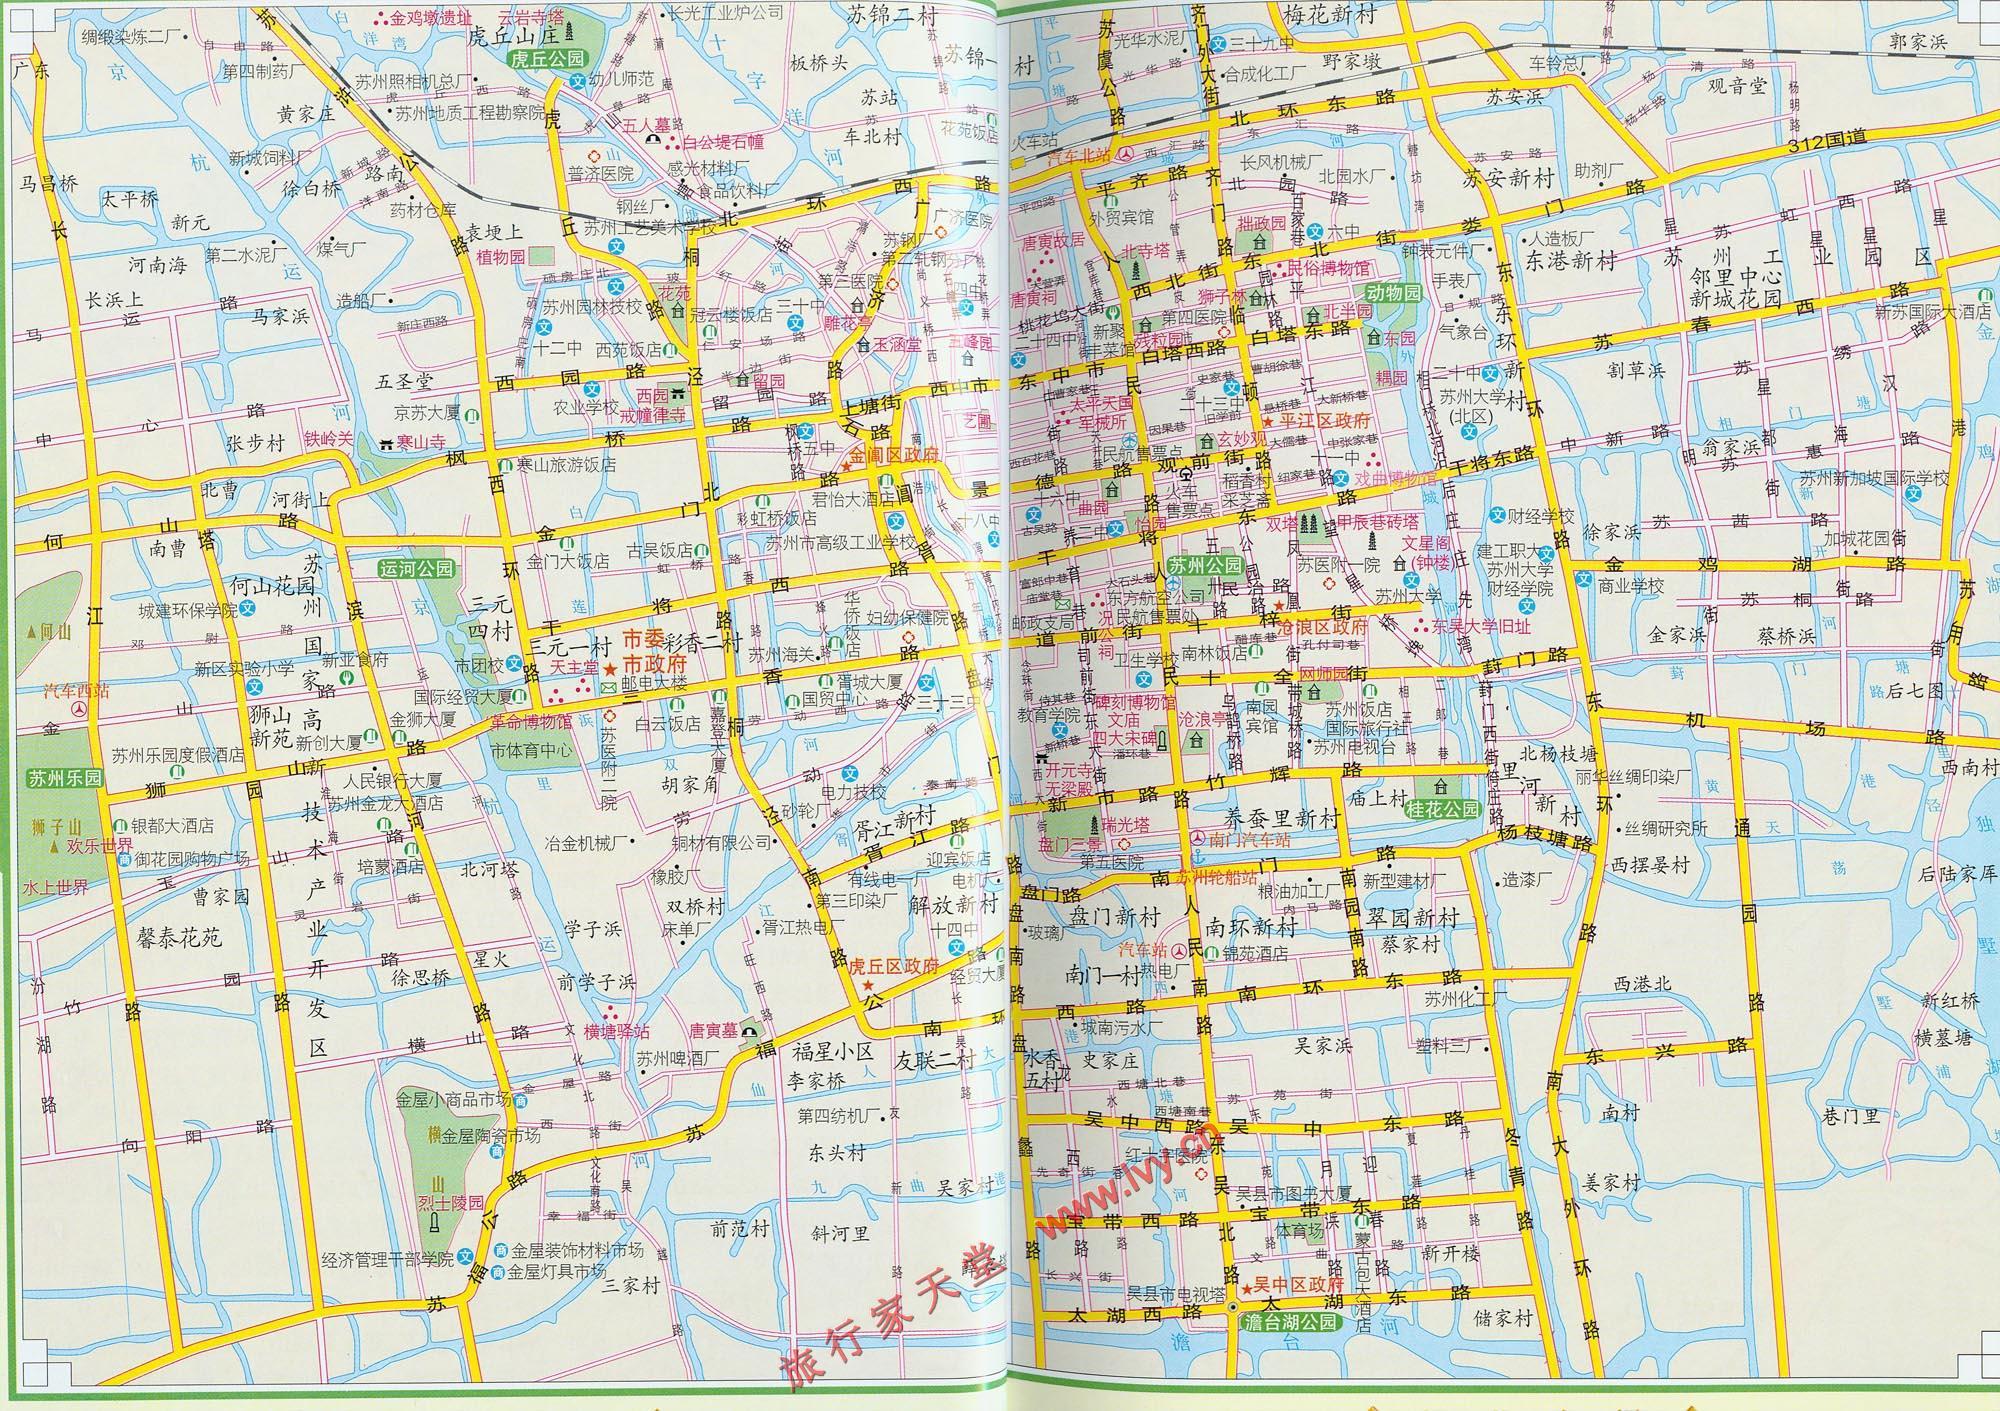 苏州旅游交通图